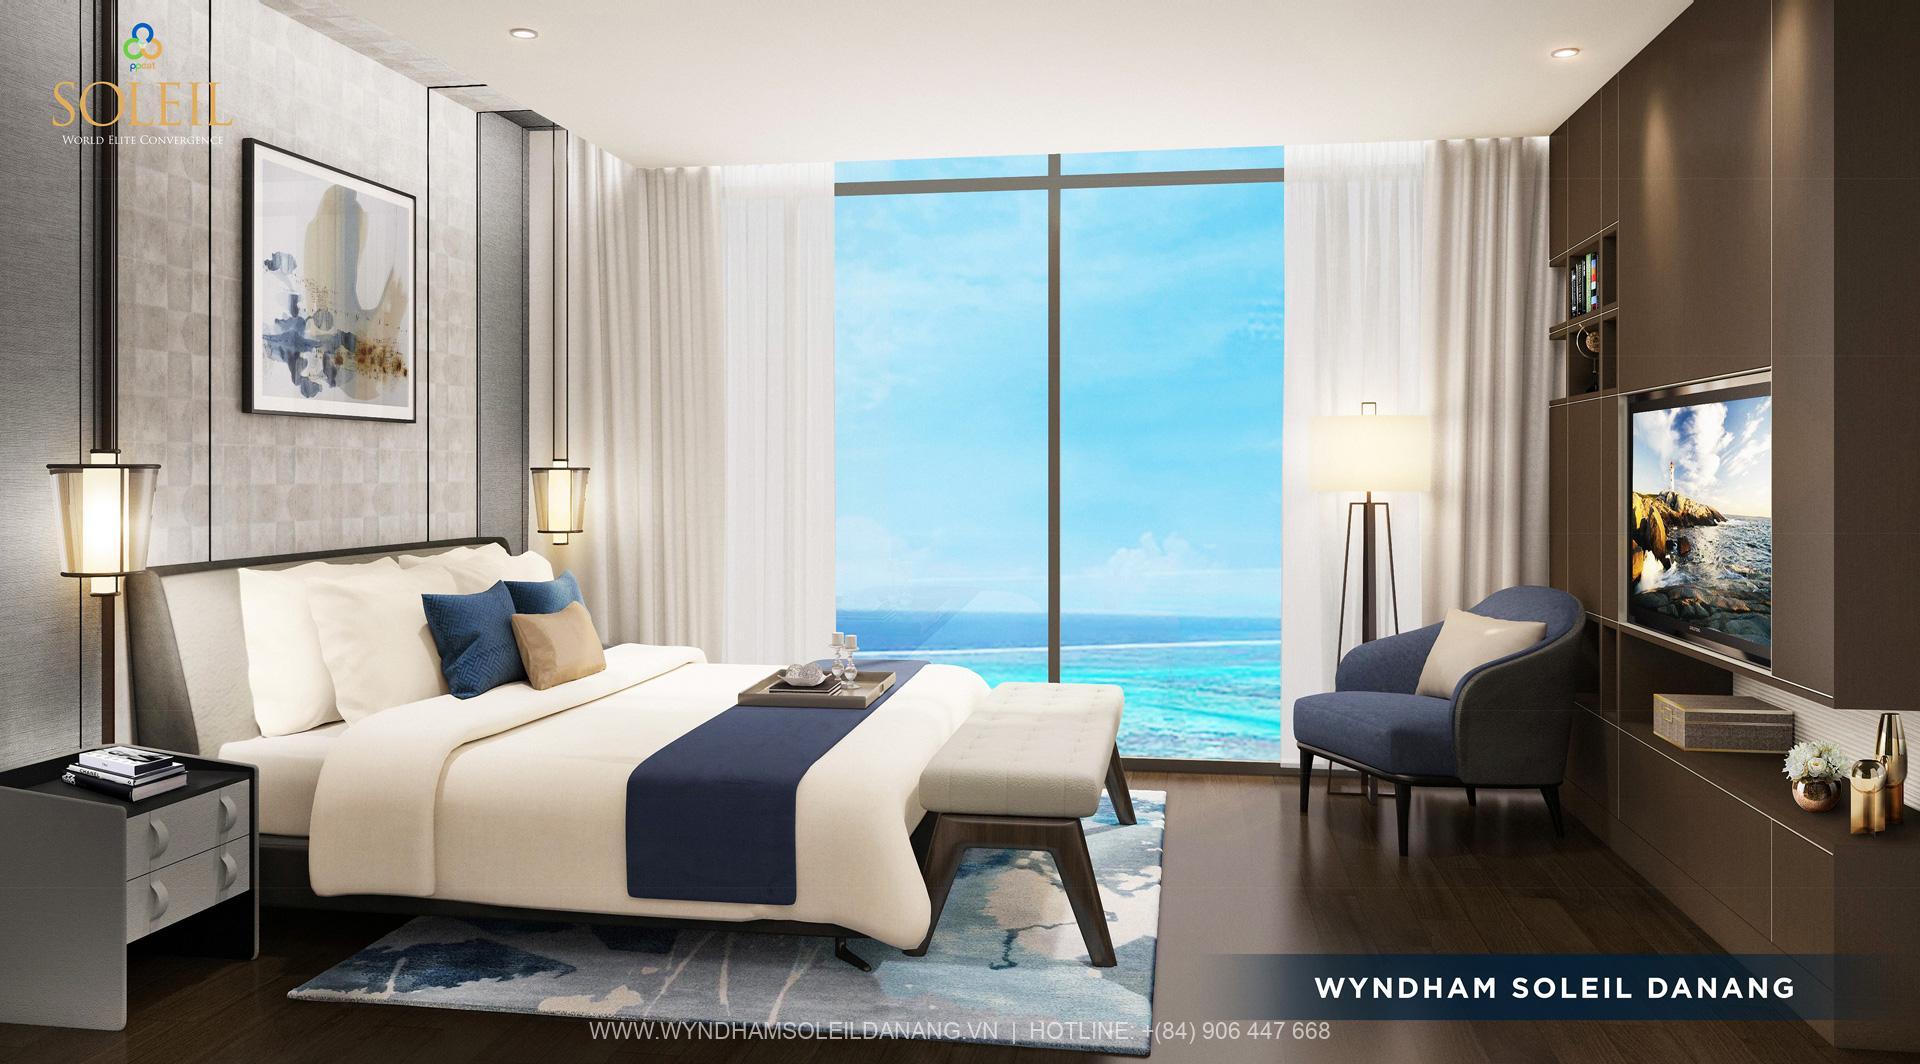 Nội thất căn hộ Wyndham Soleil Đà Nẵng